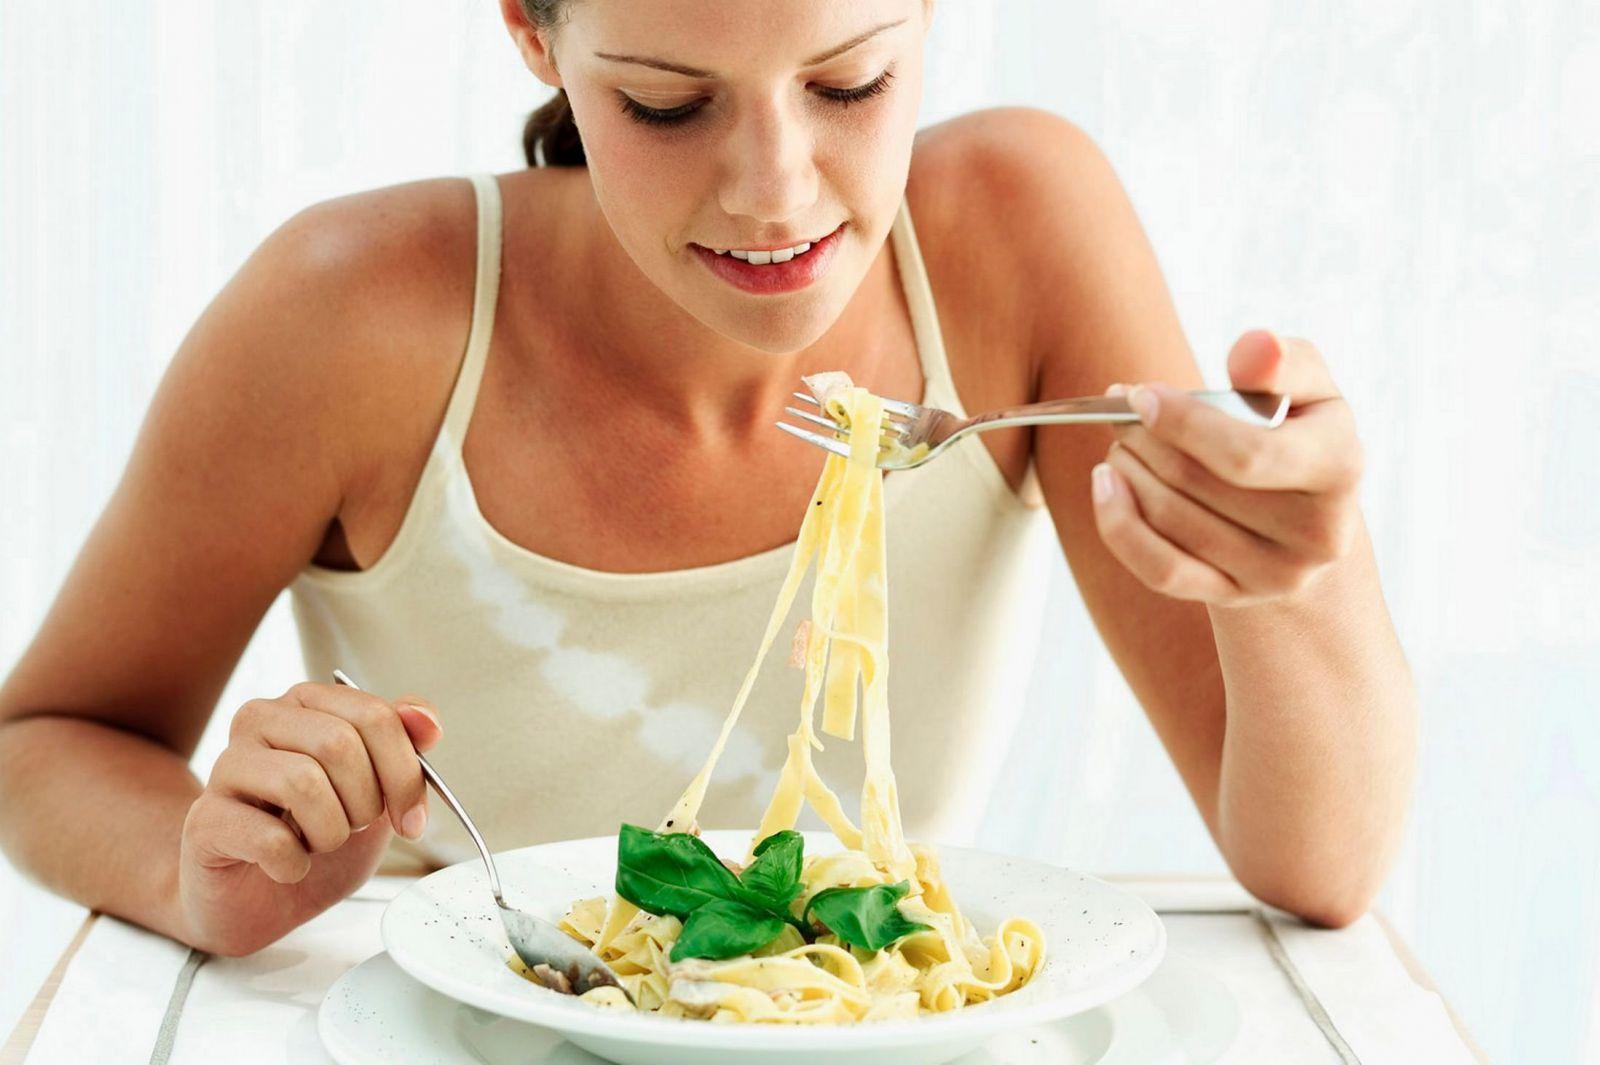 cum să pierdeți greutatea cu spaghete mănâncă greutatea brută